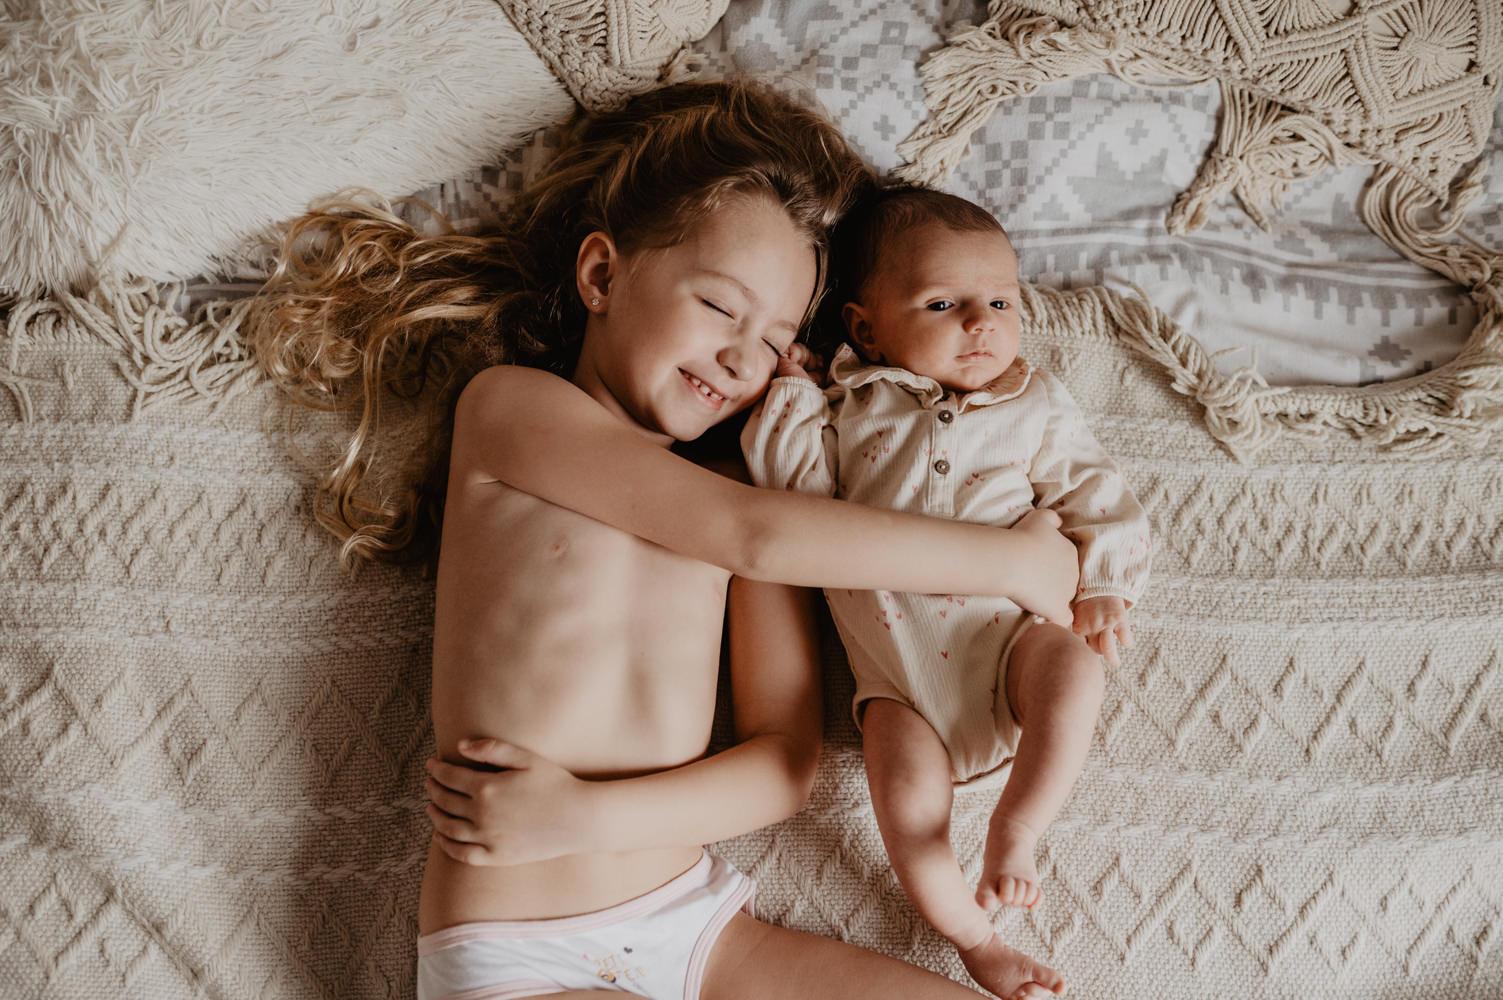 photographe famille maternage mariage paris - reportage famille a domicile - portrait d enfant naturel - leslie photographie